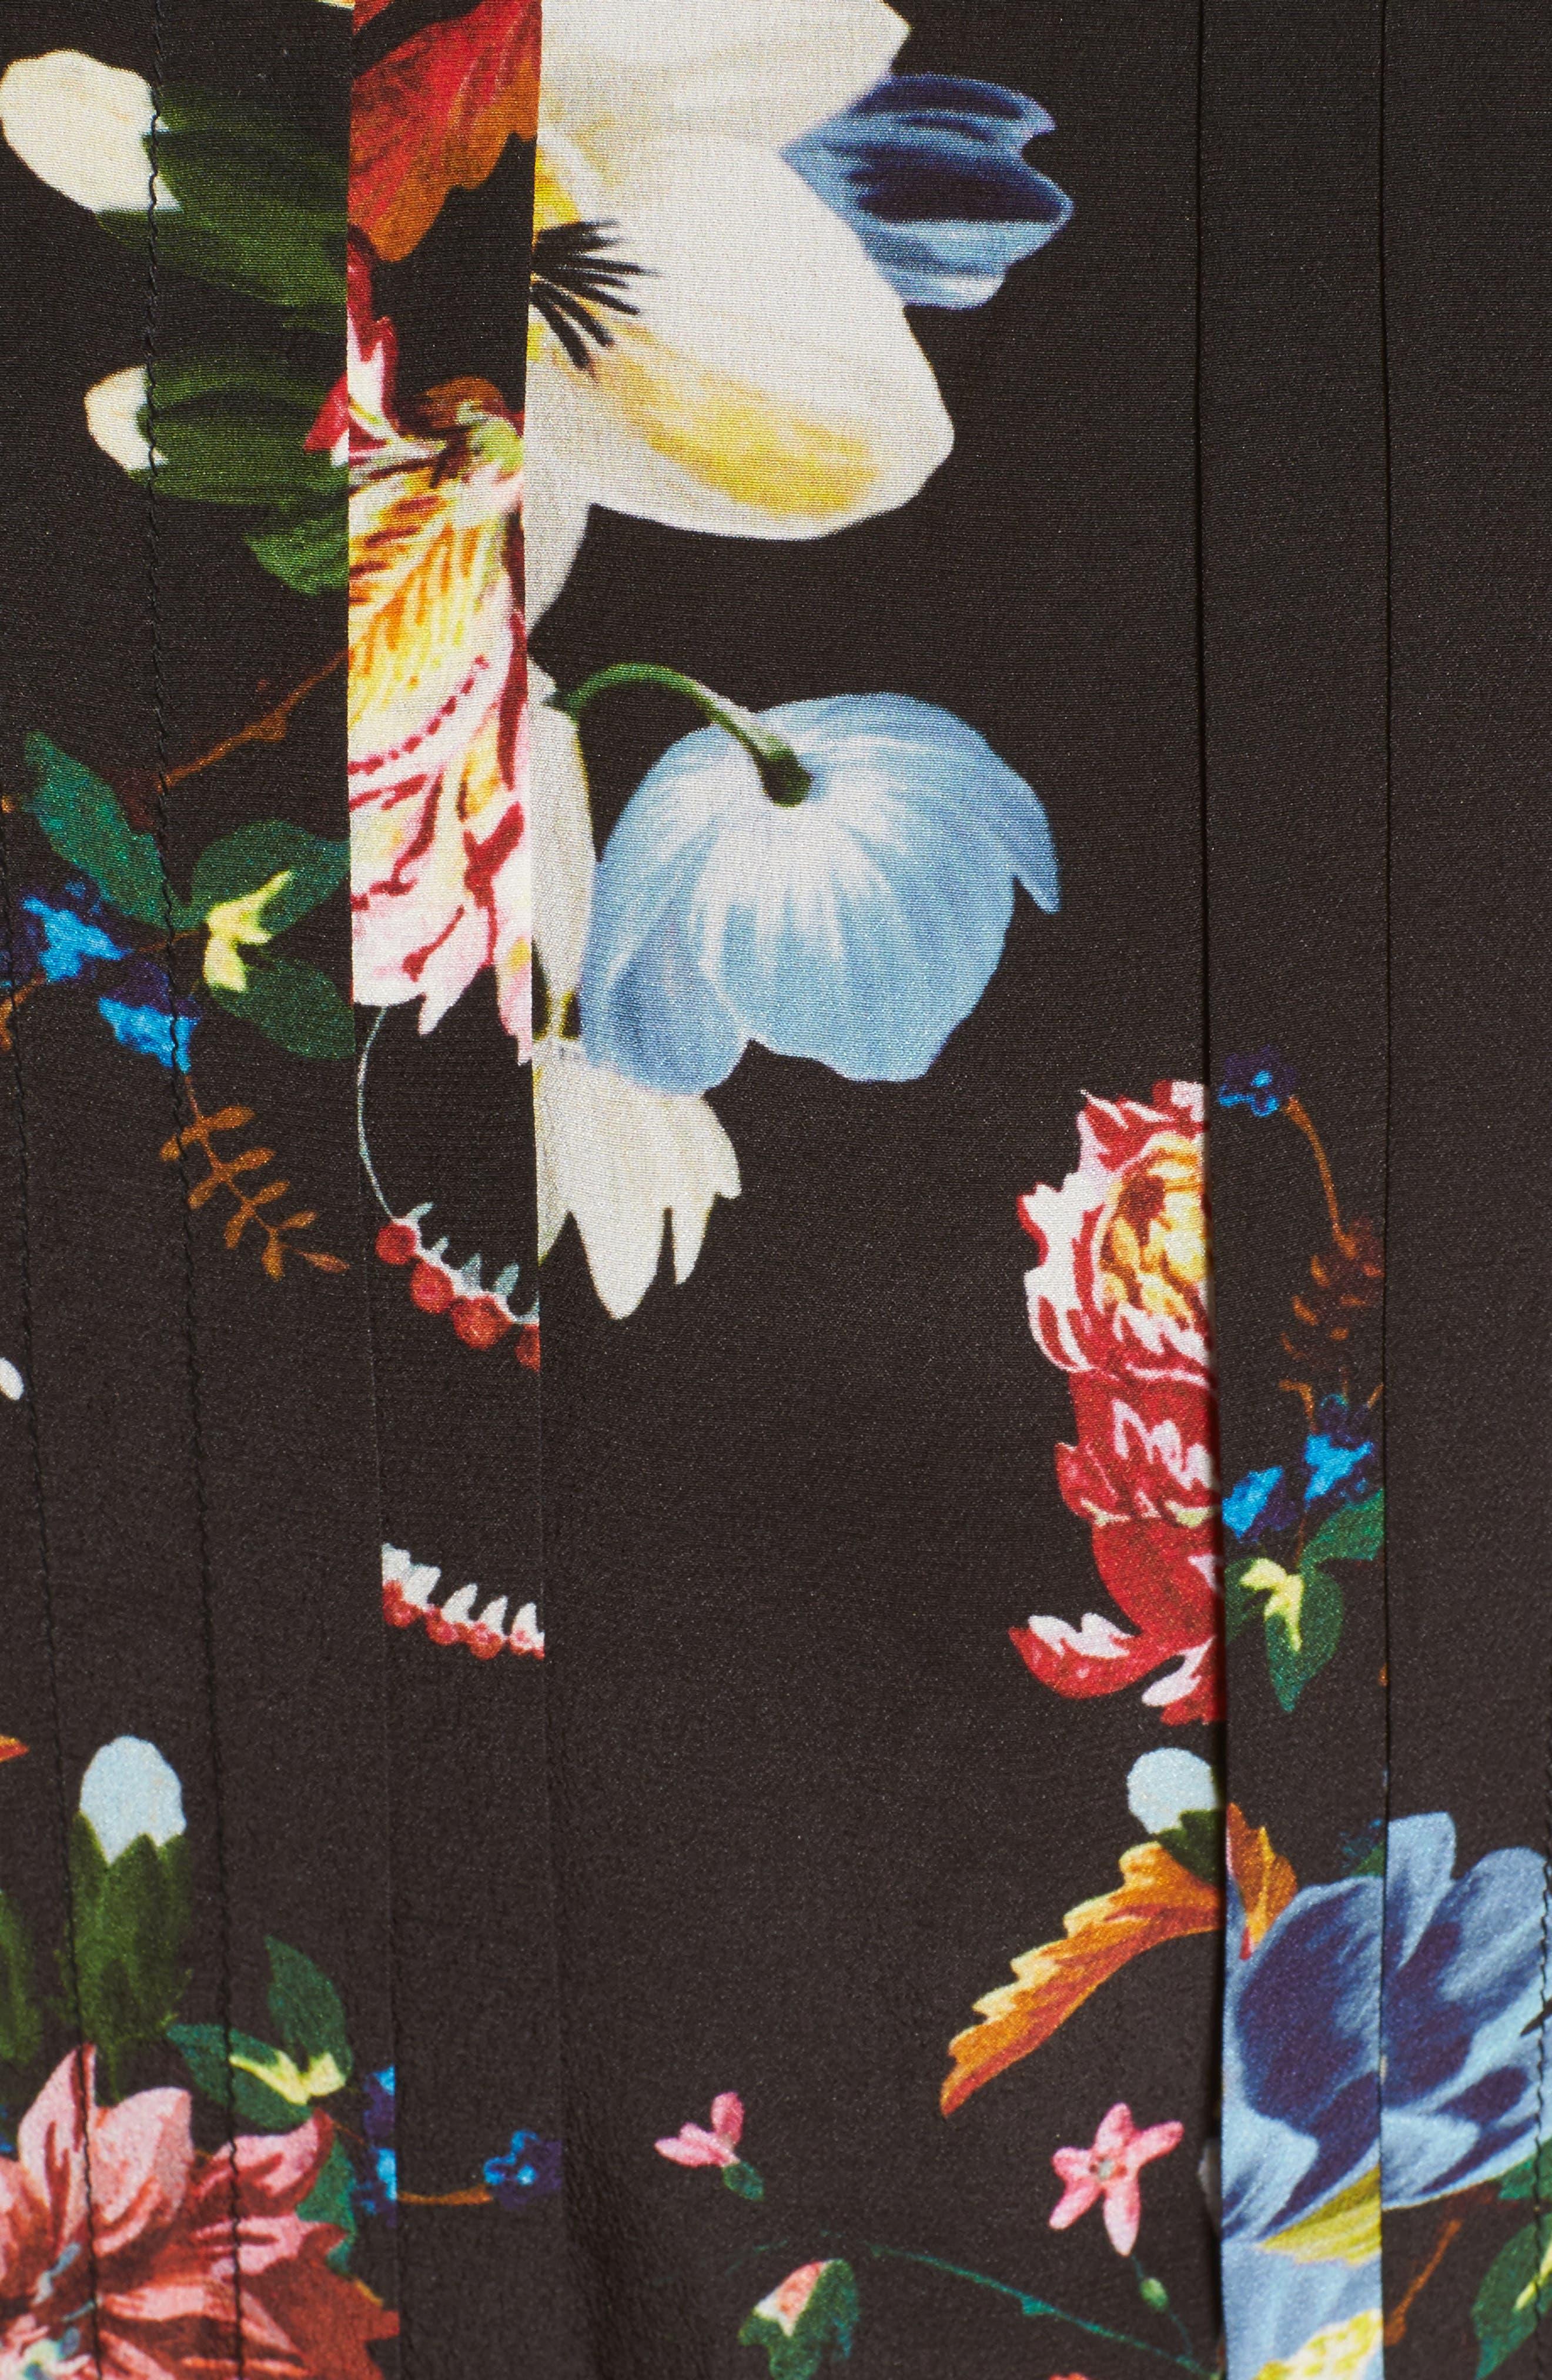 Richelle Tie Neck Floral Print Silk Crêpe de Chine Dress,                             Alternate thumbnail 5, color,                             001